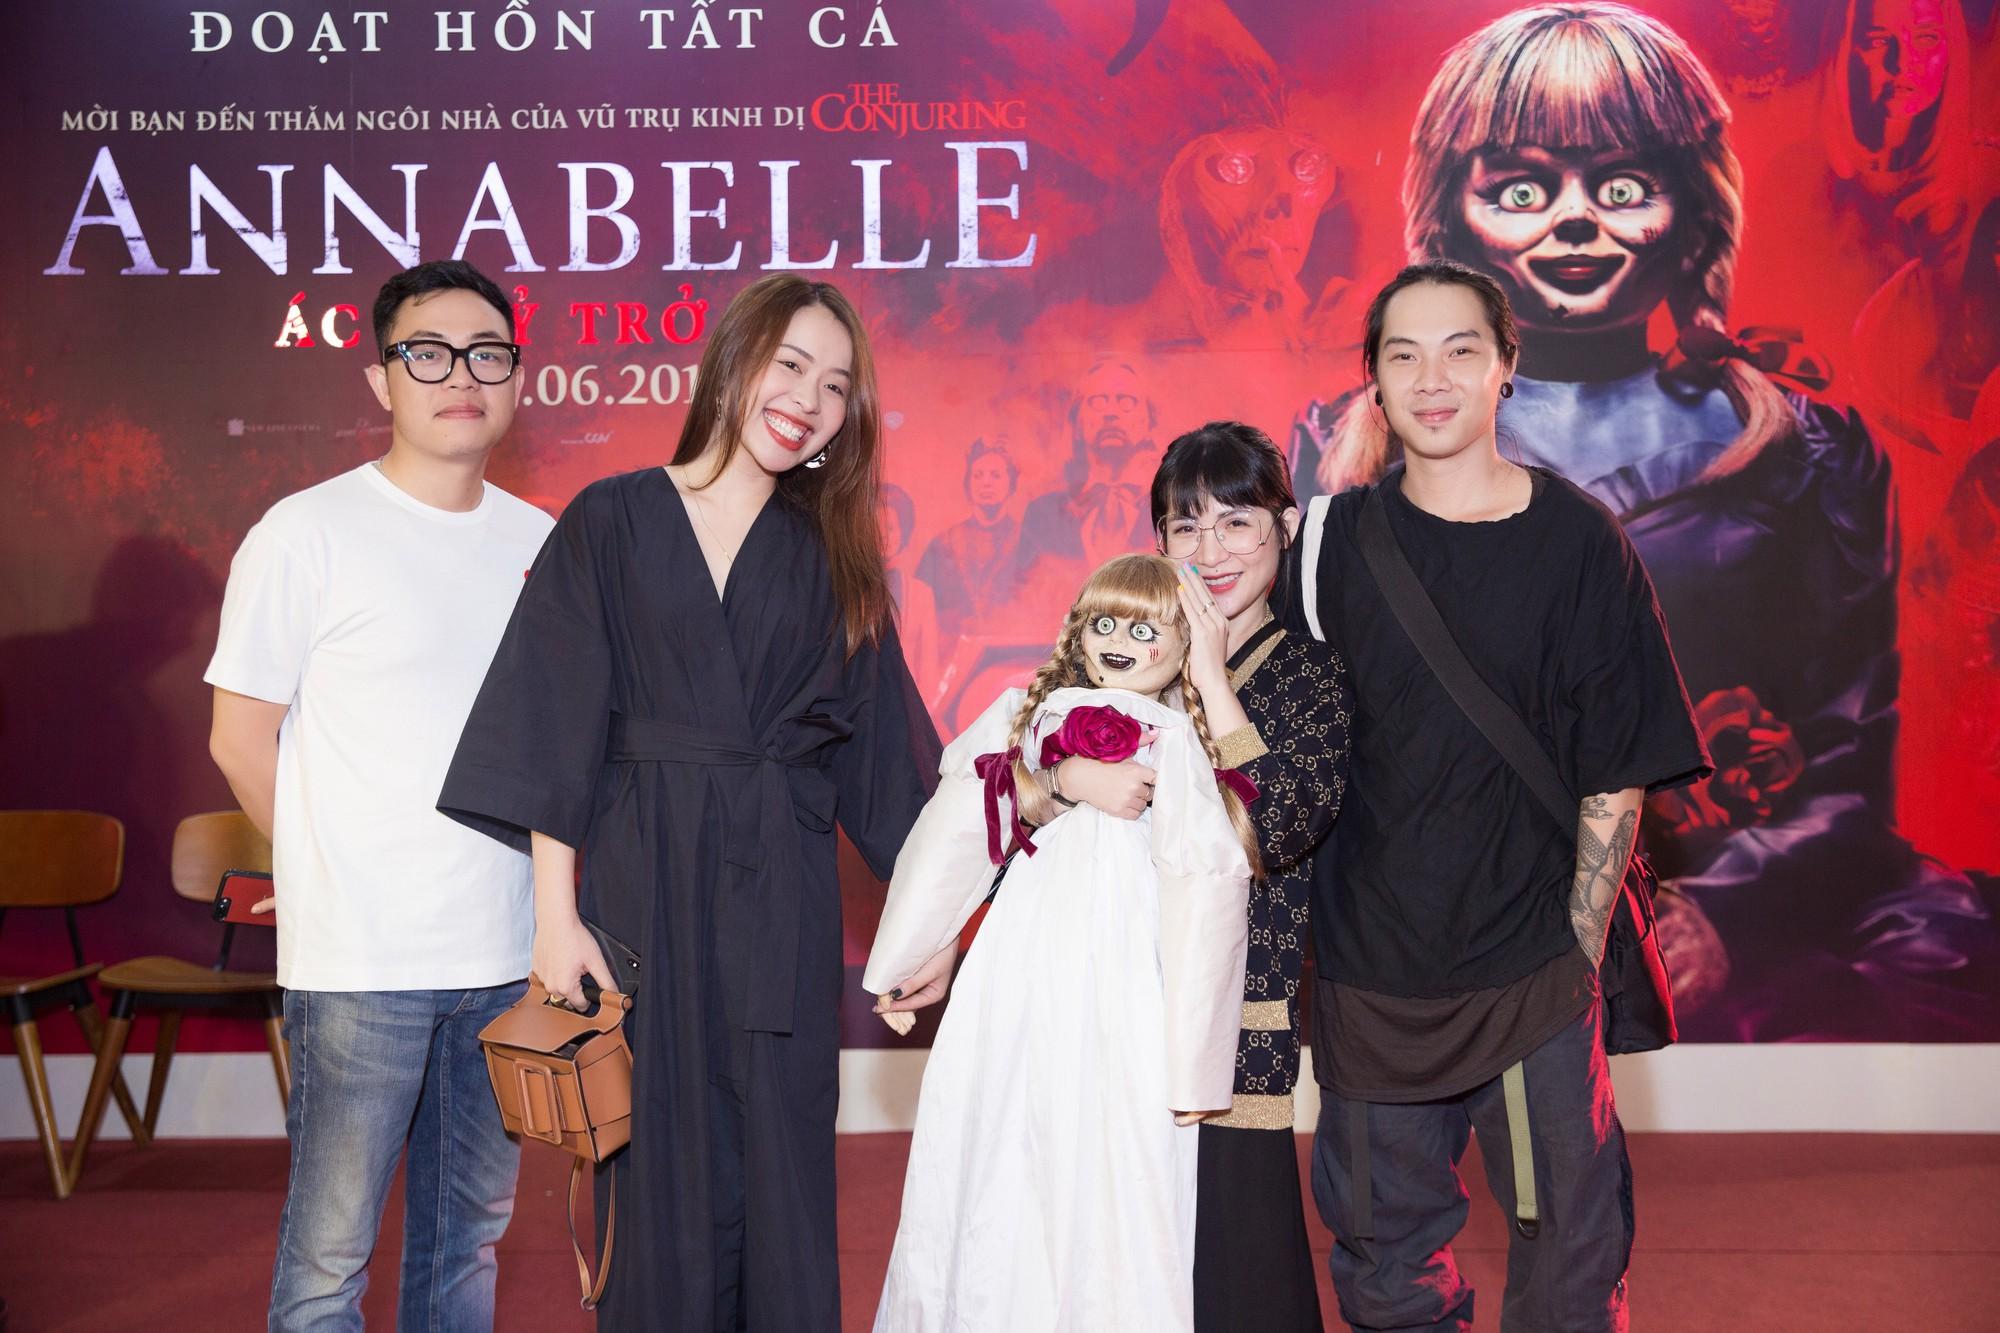 Clip Fan Việt xem Annabelle: Mong em Beo đem binh đoàn tàn sát hết gia đình đó đi dùm! - Ảnh 16.